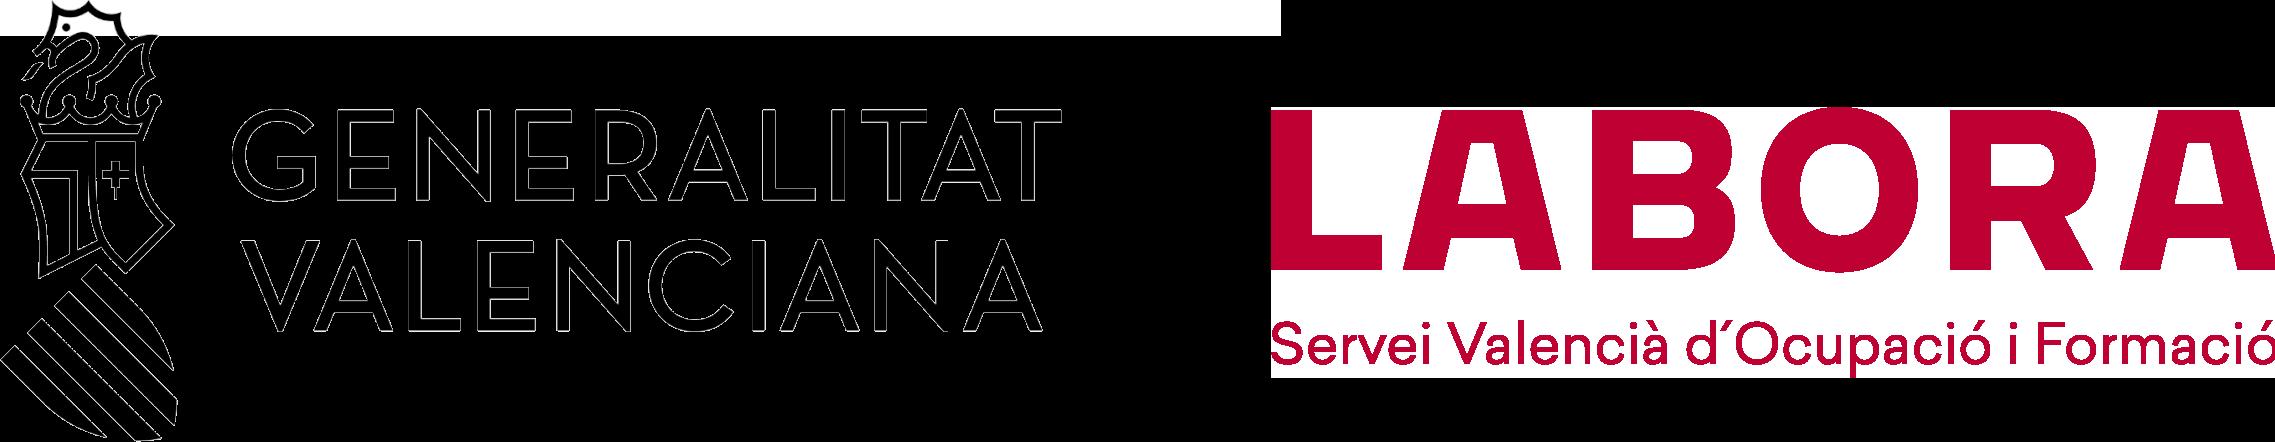 Logo GVA y LABORA